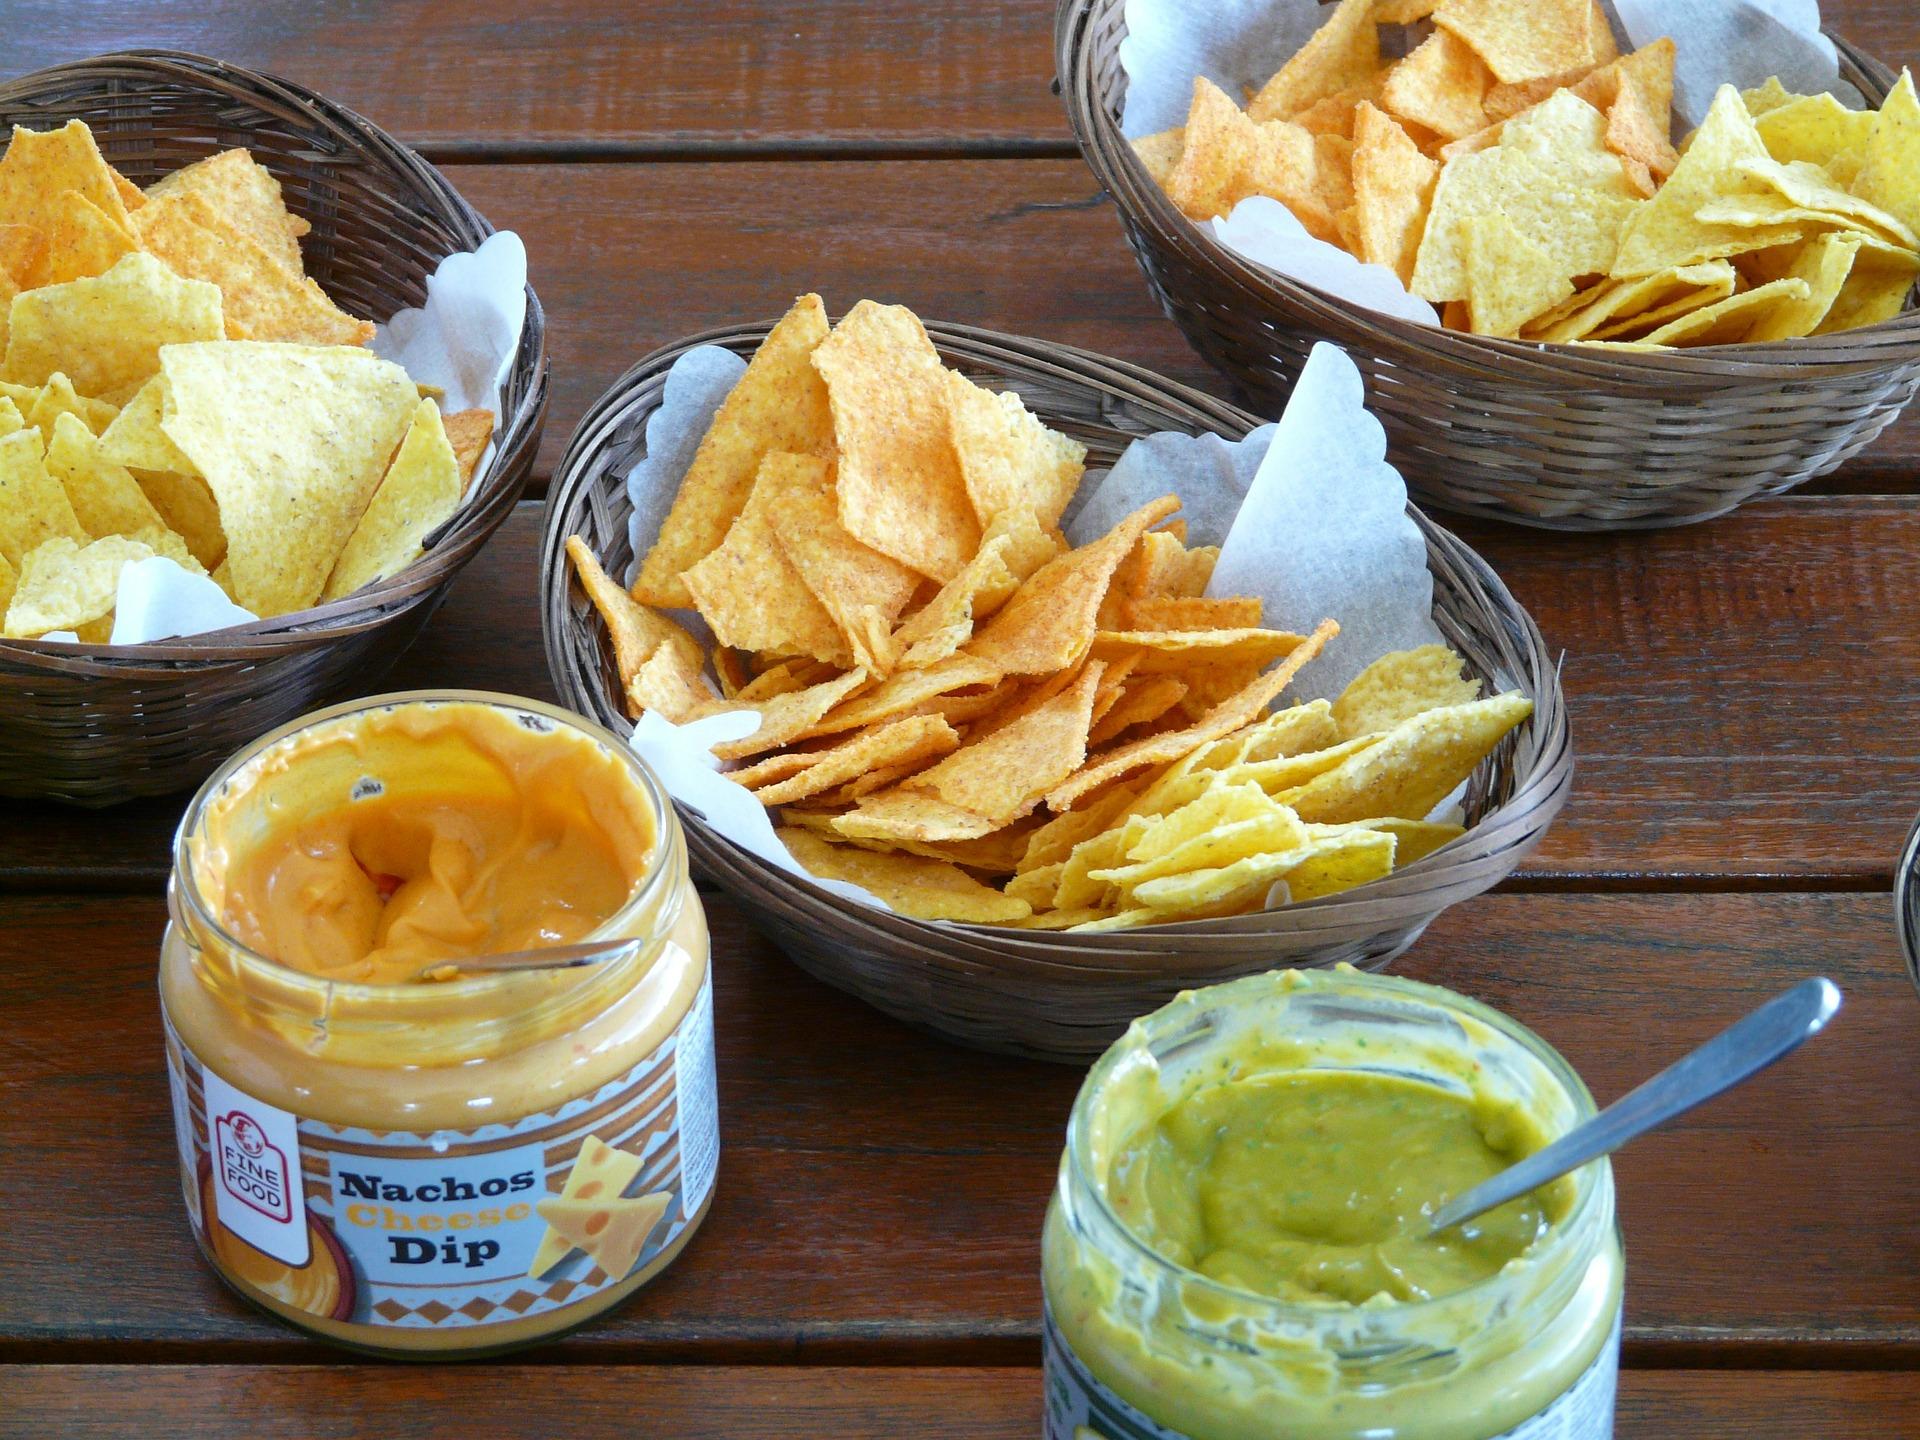 GIS ostrzega przed alergenami w chipsach. Produkty wycofane ze sprzedaży - Zdjęcie główne